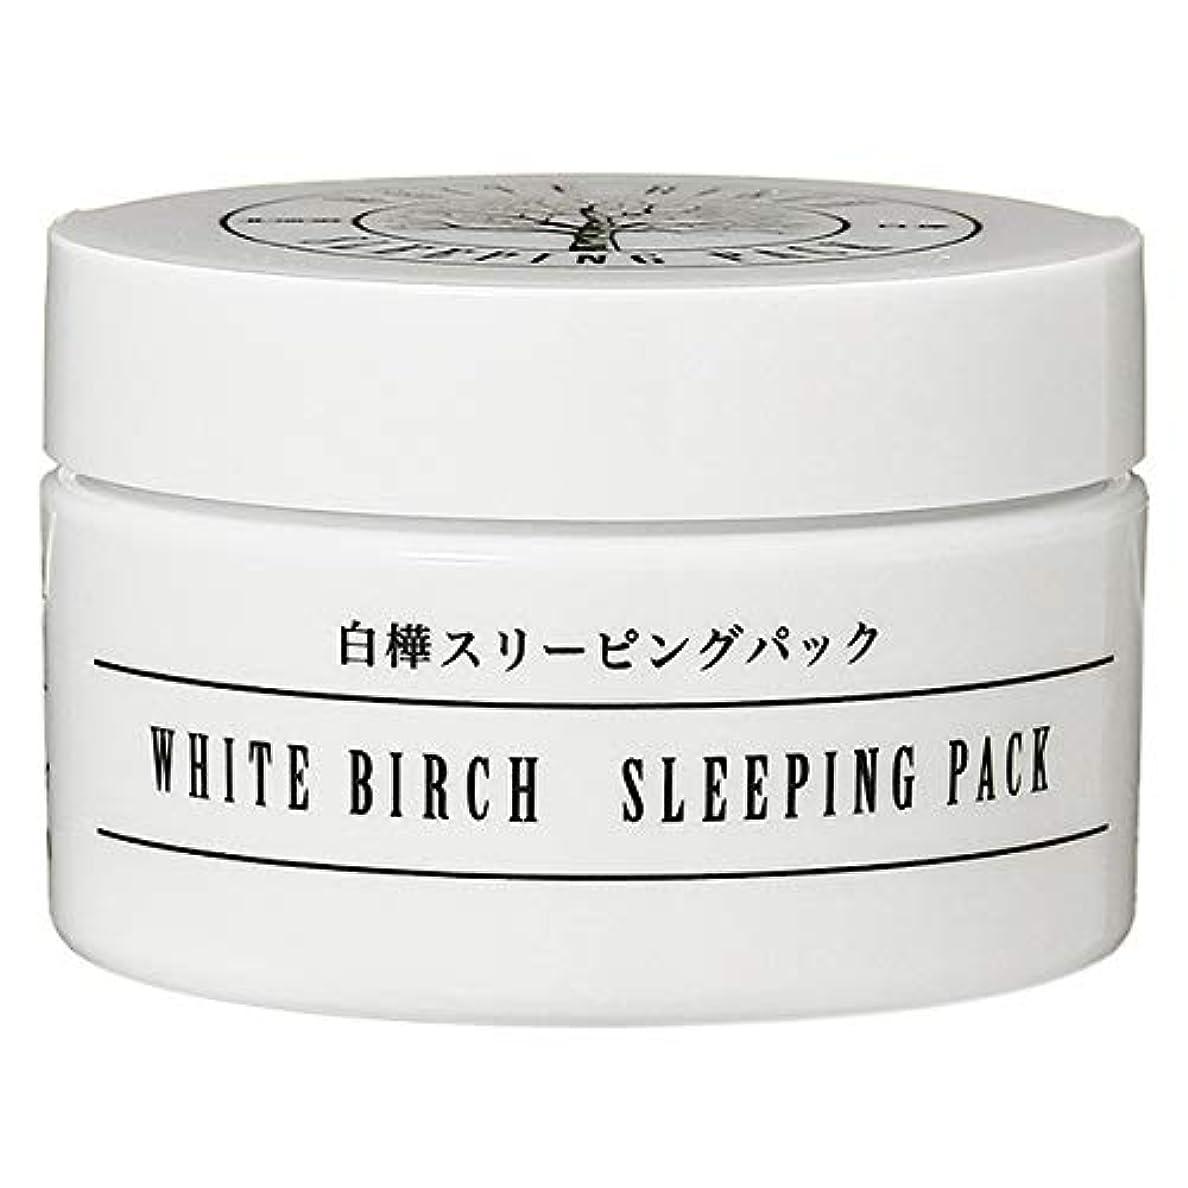 敏感な地殻苦い北海道アンソロポロジー 白樺スリーピングパック 80g